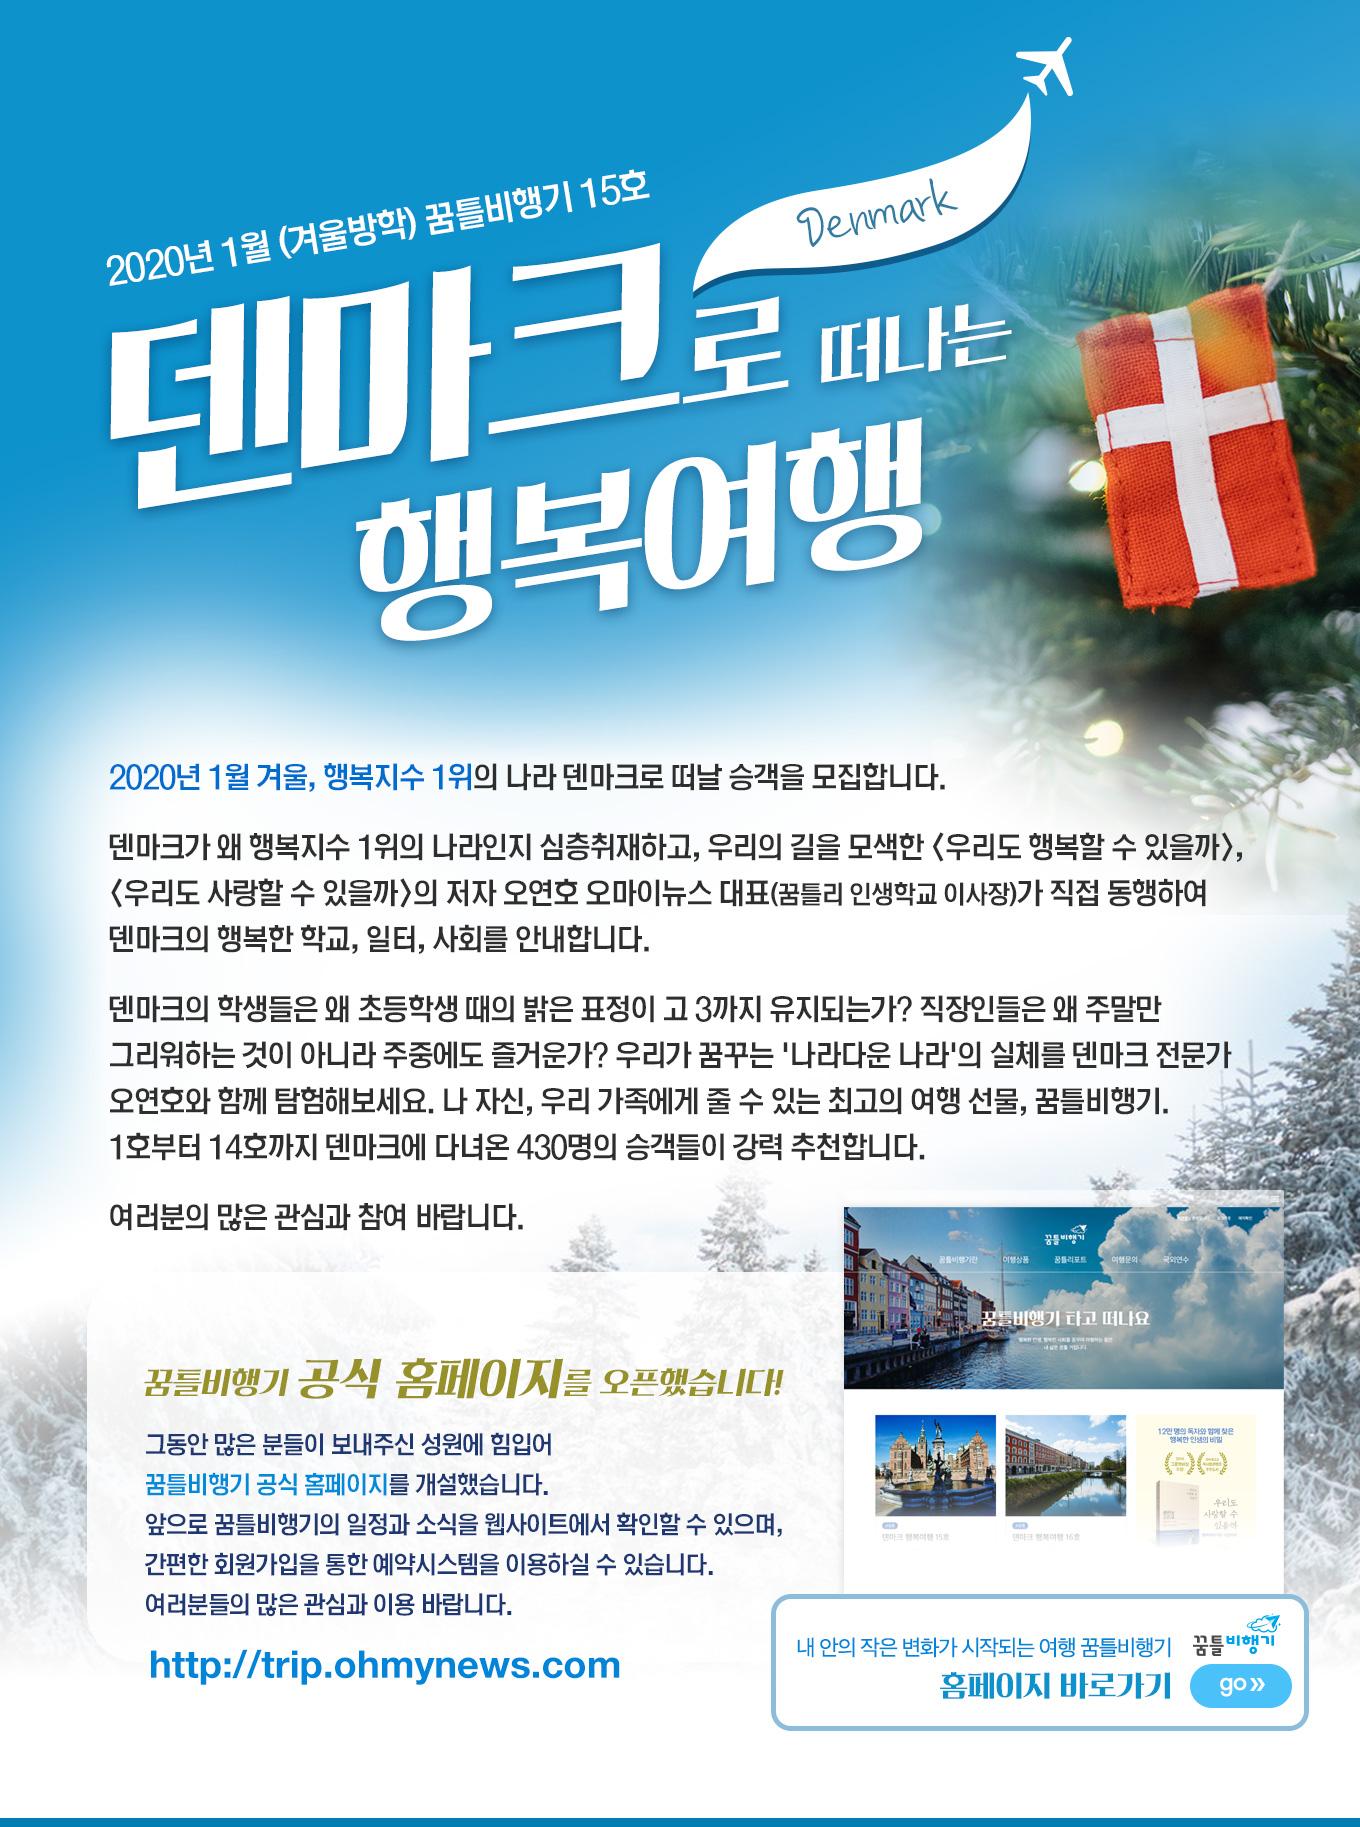 2020년 1월 겨울방학 꿈틀비행기 15호, 덴마크로 떠나는 행복여행